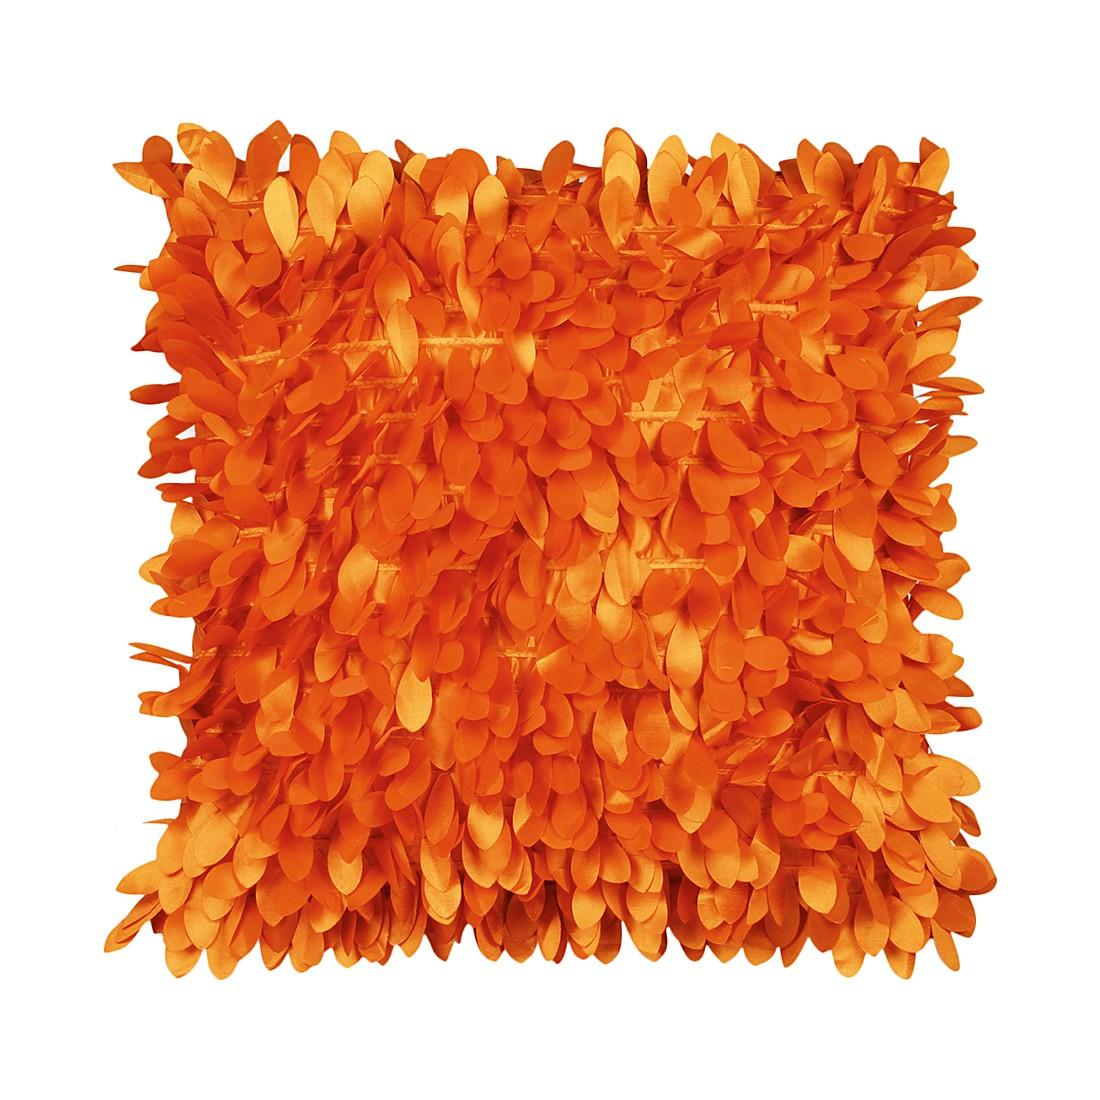 Kissen Leafs – 45 X 45 cm, Orange, Polyester – Kissenhülle, ohne Füllung, Dutch Decor kaufen